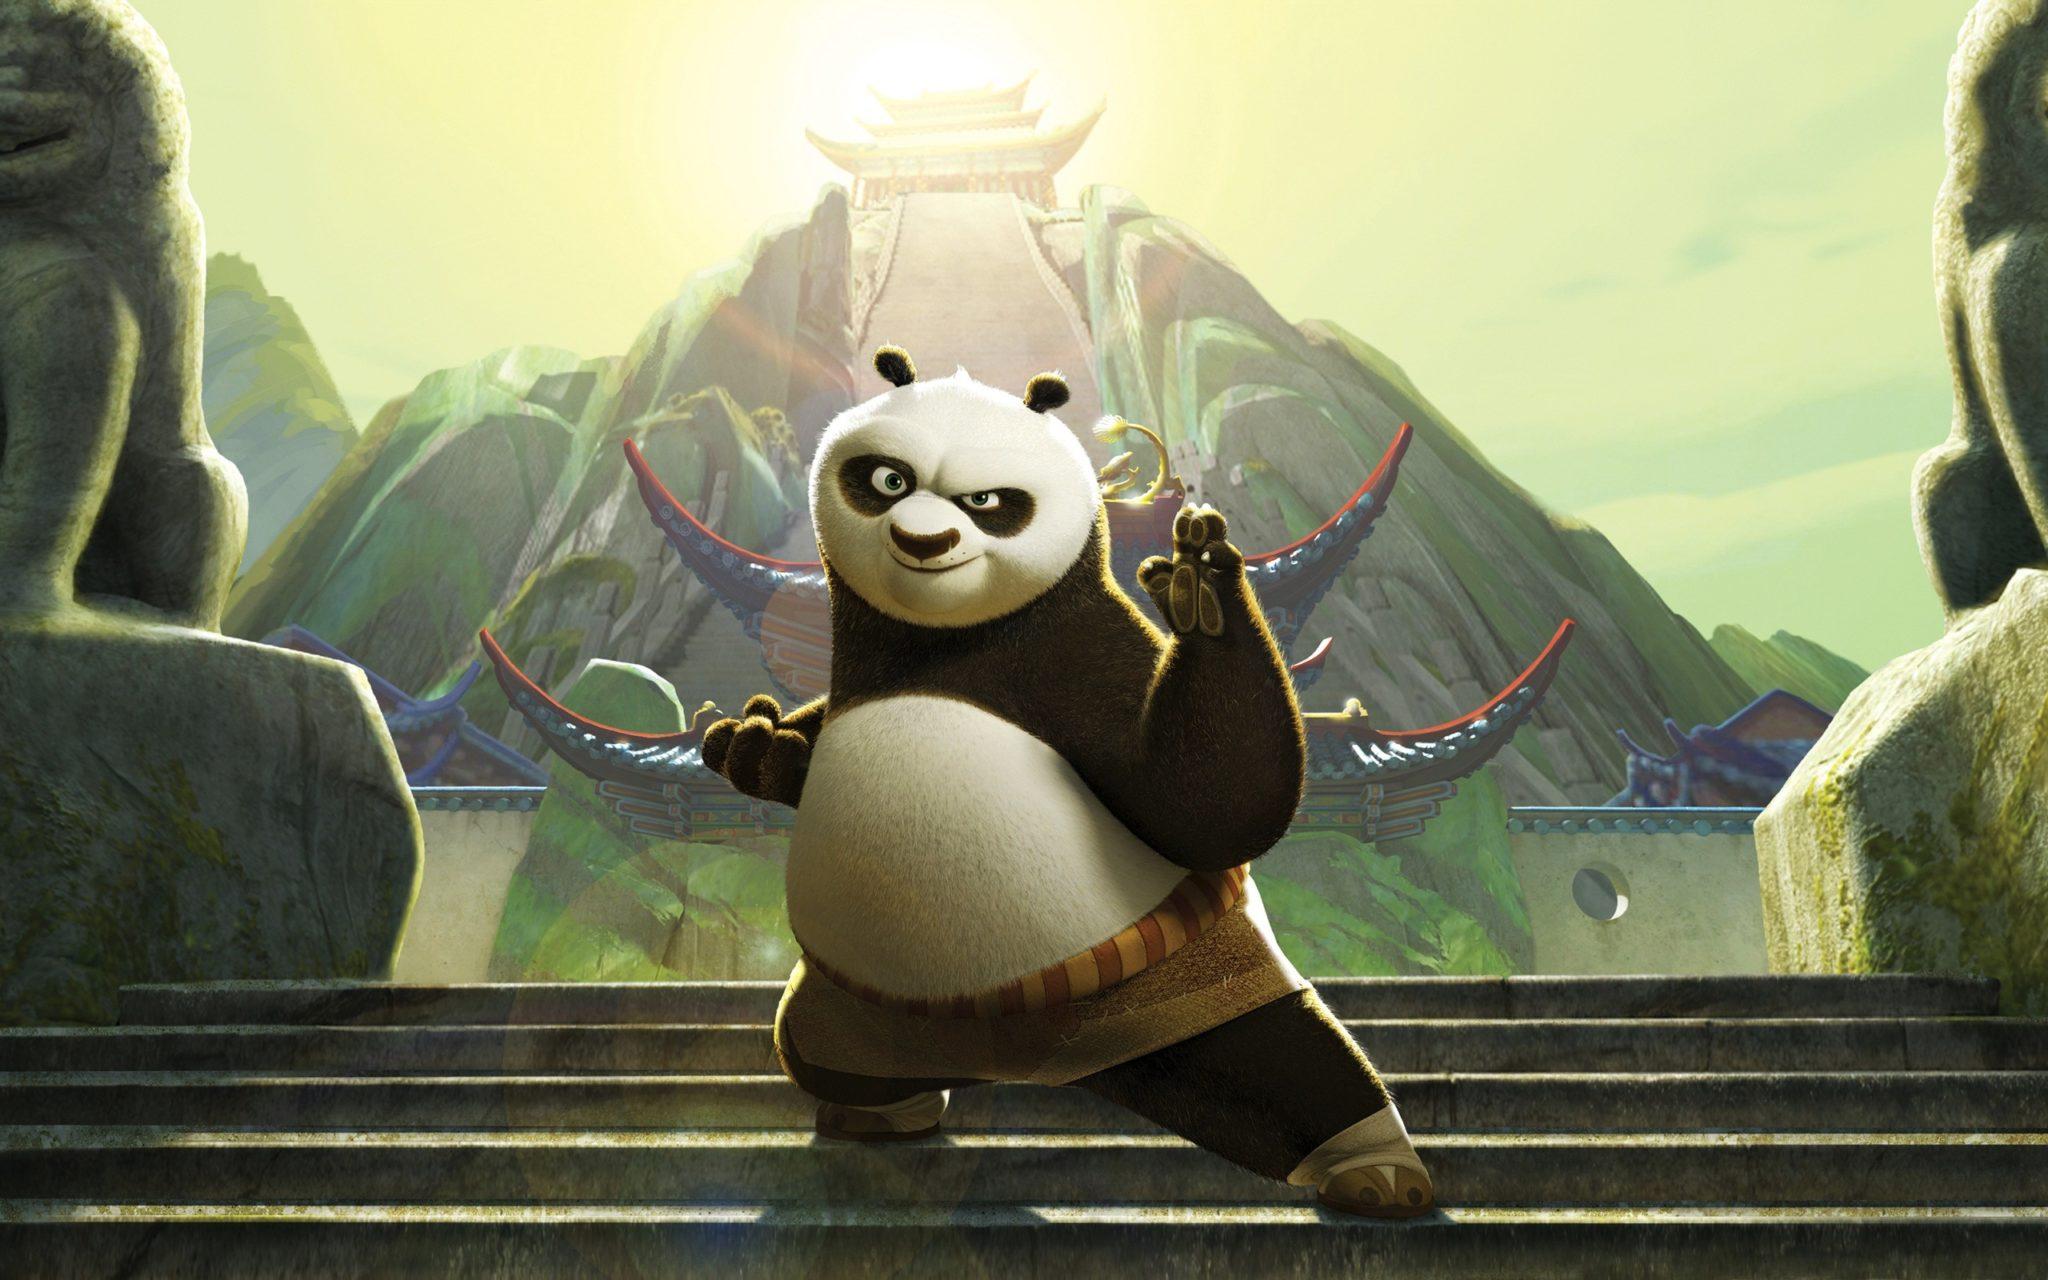 kfp-3-reasons-kung-fu-panda-3-is-important